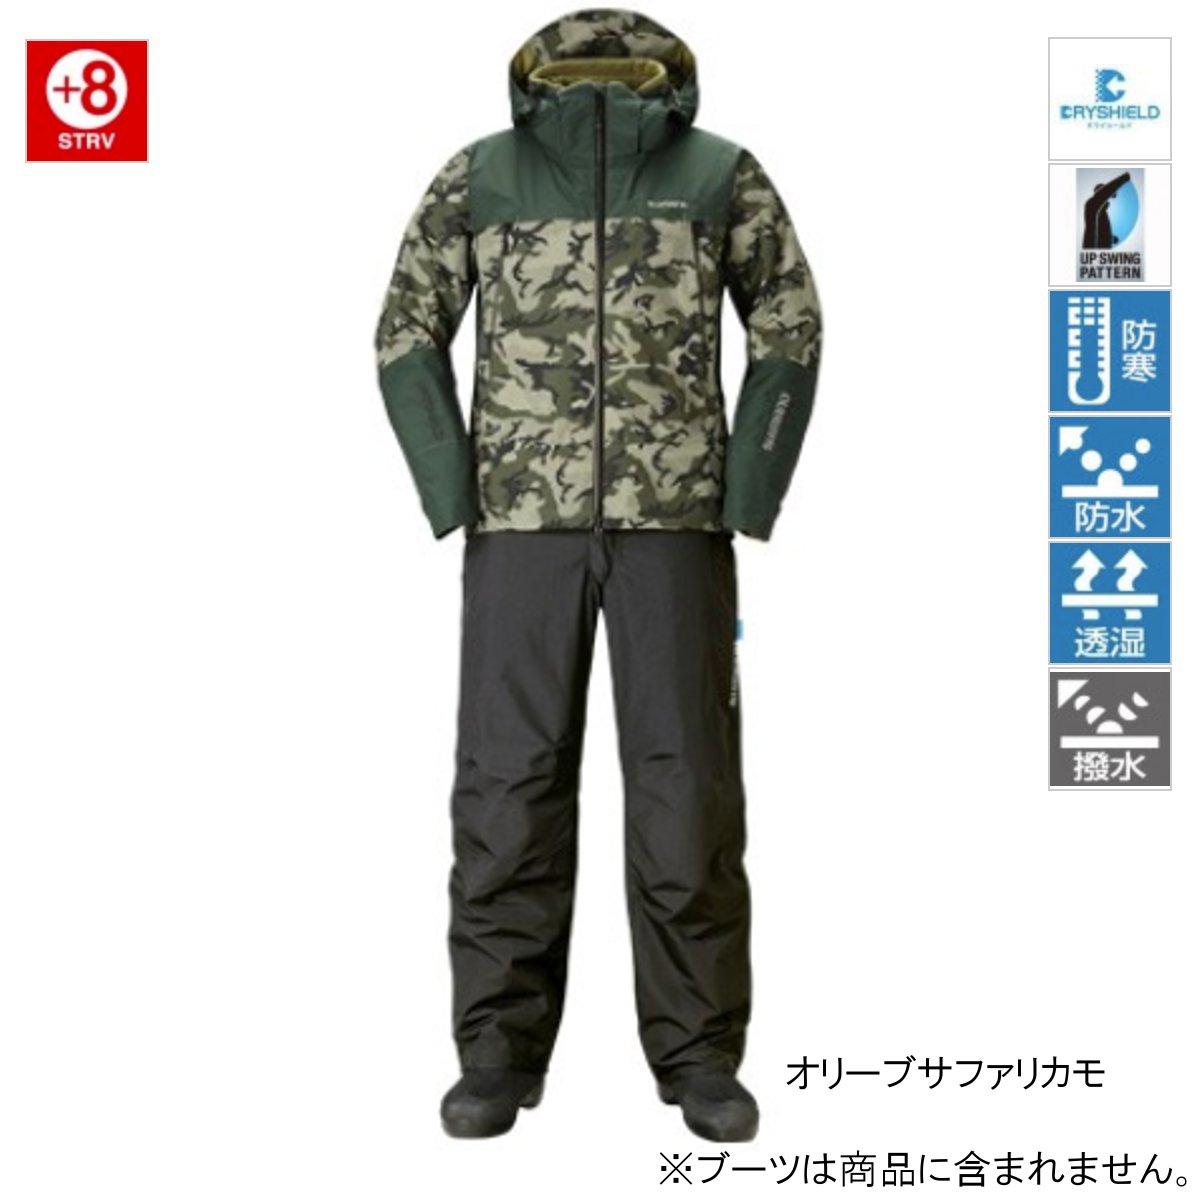 シマノ DSアドバンスウォームスーツ RB-025R L オリーブサファリカモ [11dmnbbkn]